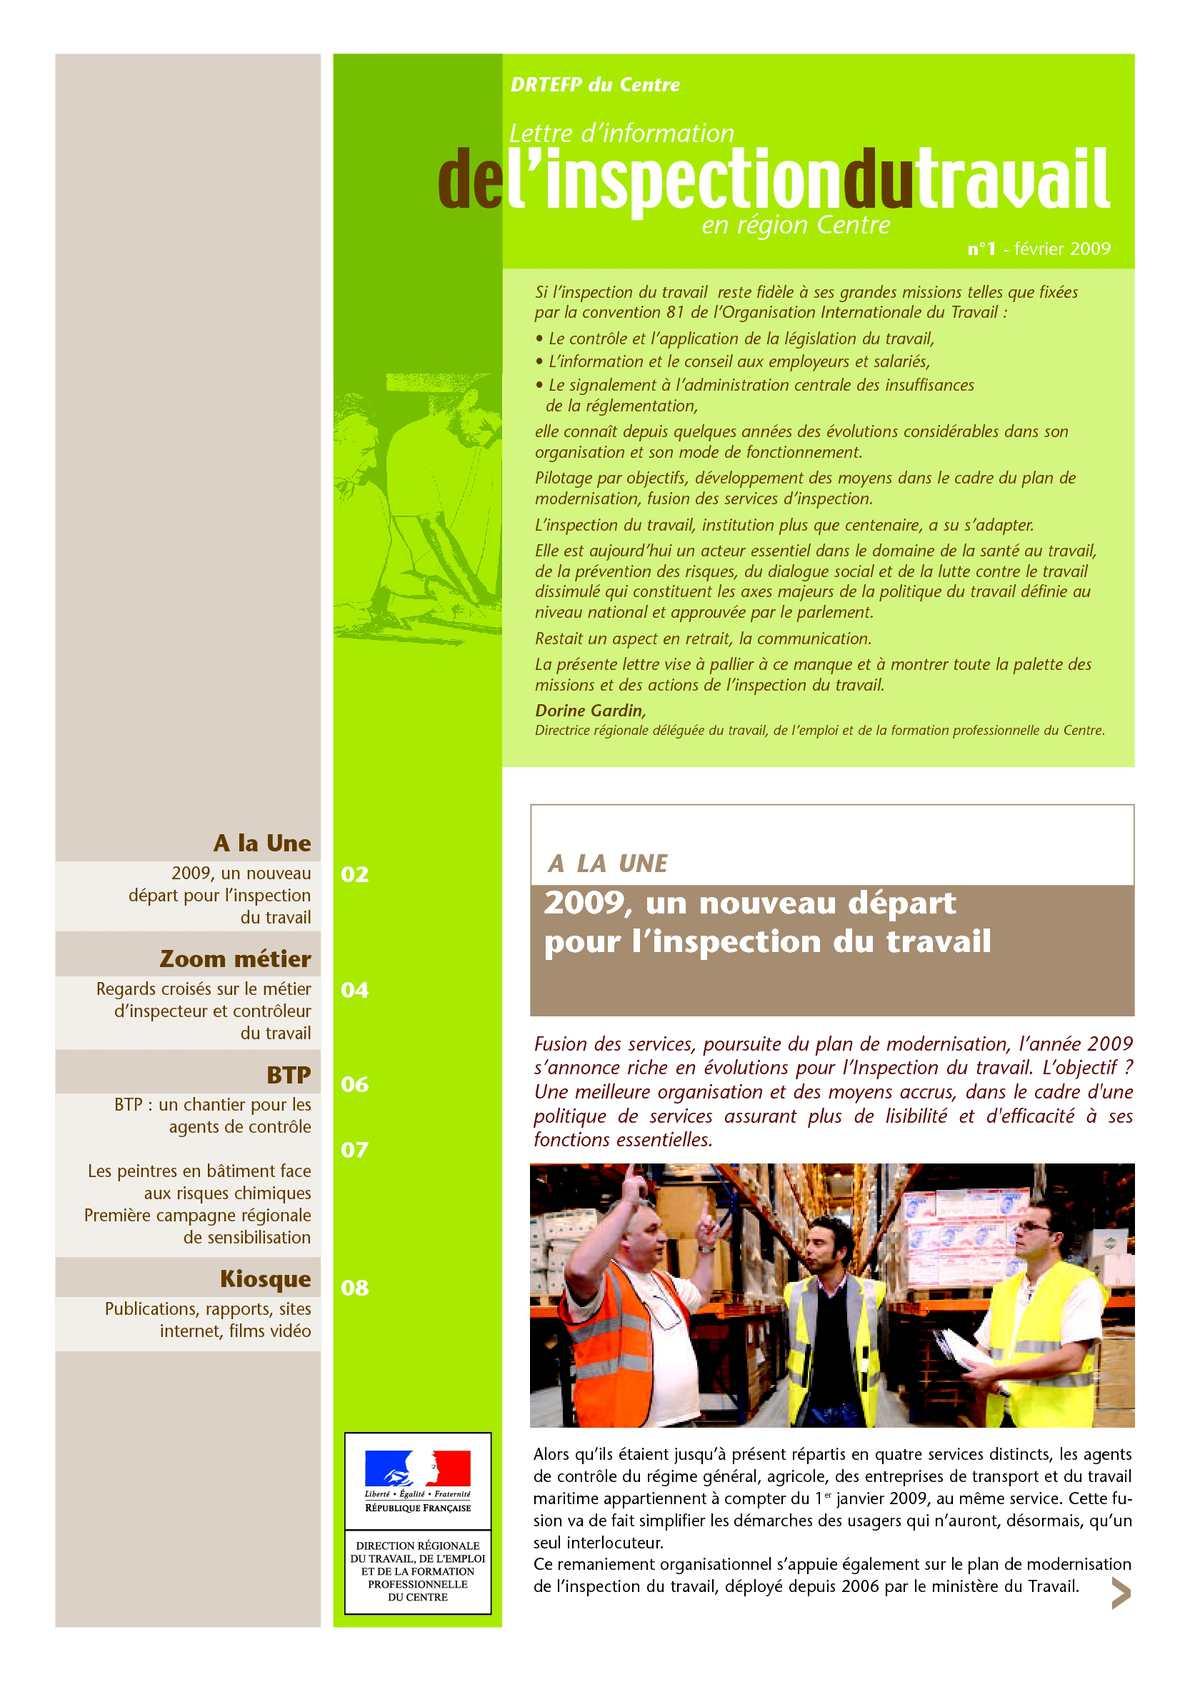 Calam o 1 lettre d information de l inspection du travail en r gion centre n 1 f vrier 2009 - Inspection du travail bourges ...